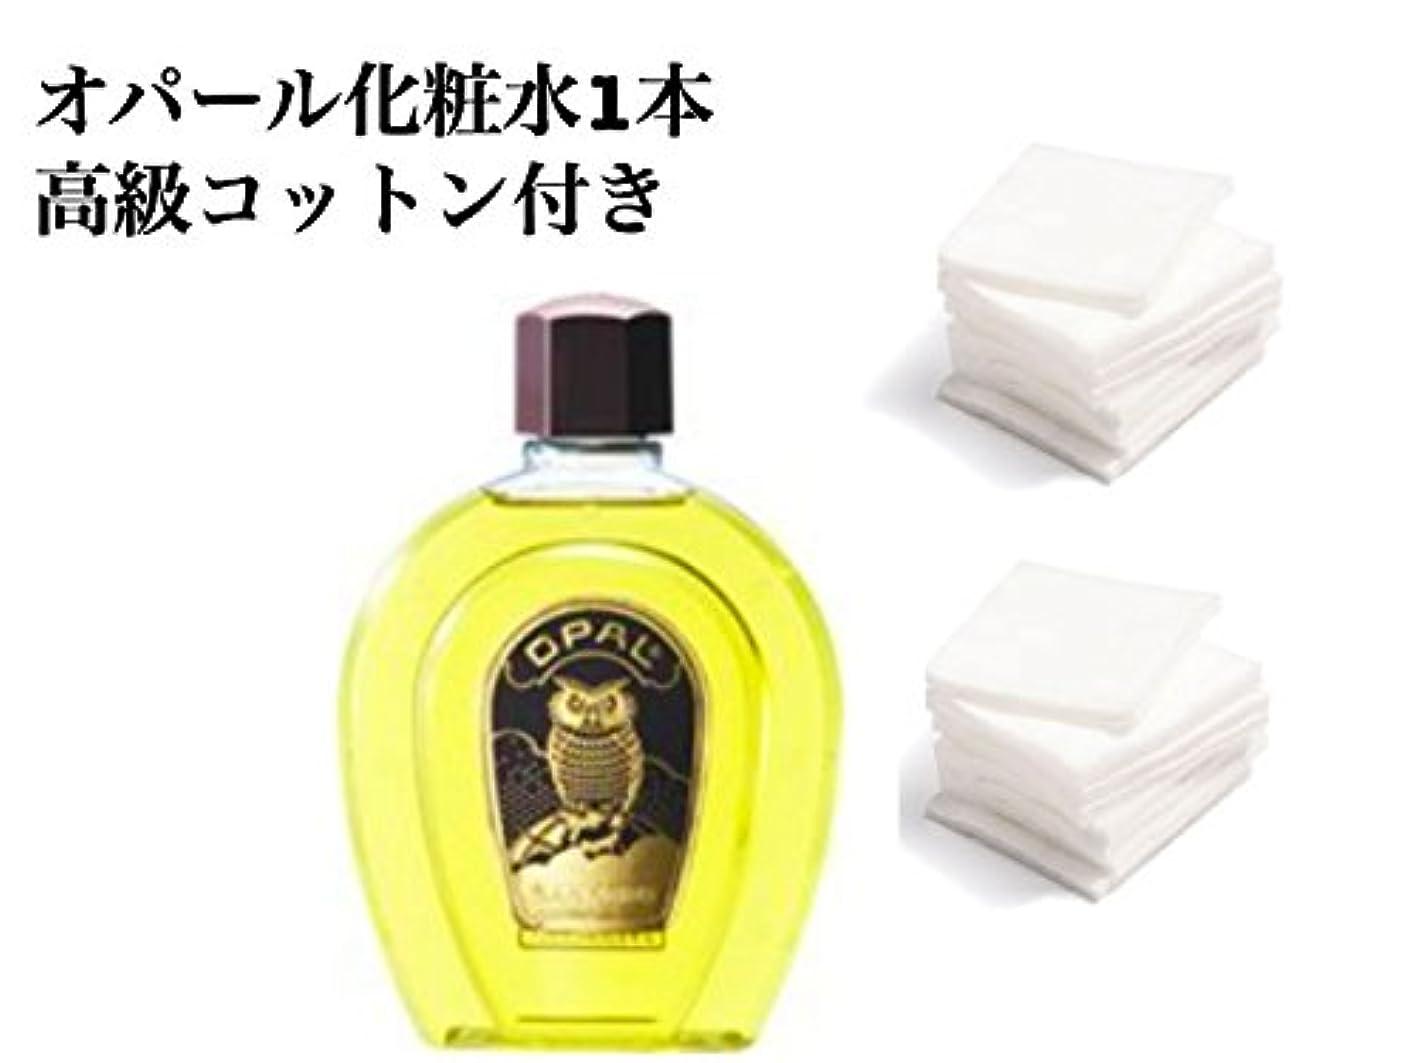 安いですマッシュ送る薬用オパール 普通肌?荒肌用化粧水 [医薬部外品] (150mL) コットン付き